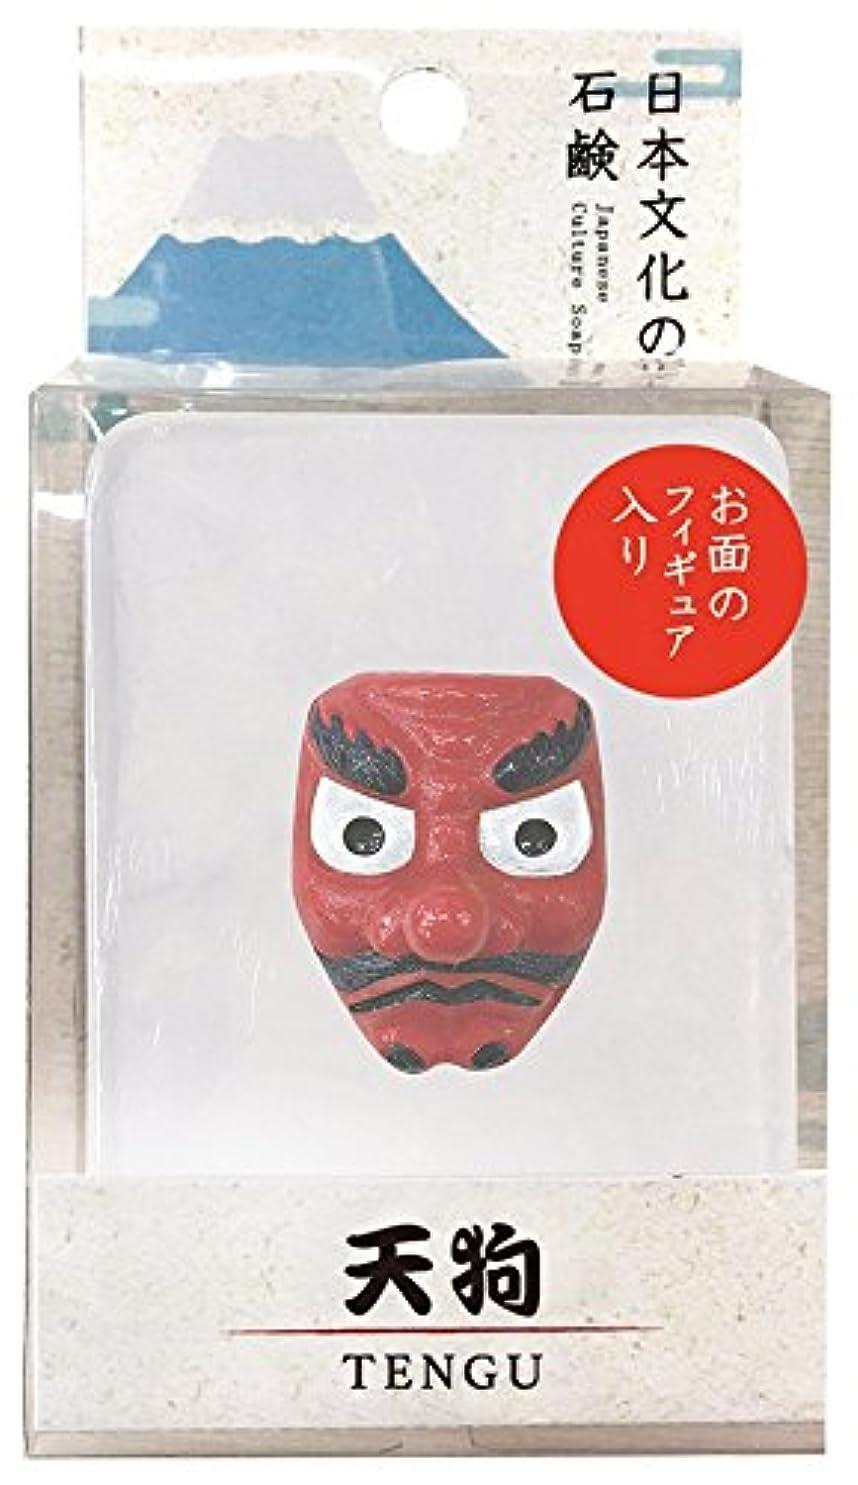 盲信彼流暢ノルコーポレーション 石鹸 日本文化の石鹸 天狗 140g フィギュア付き OB-JCP-1-5